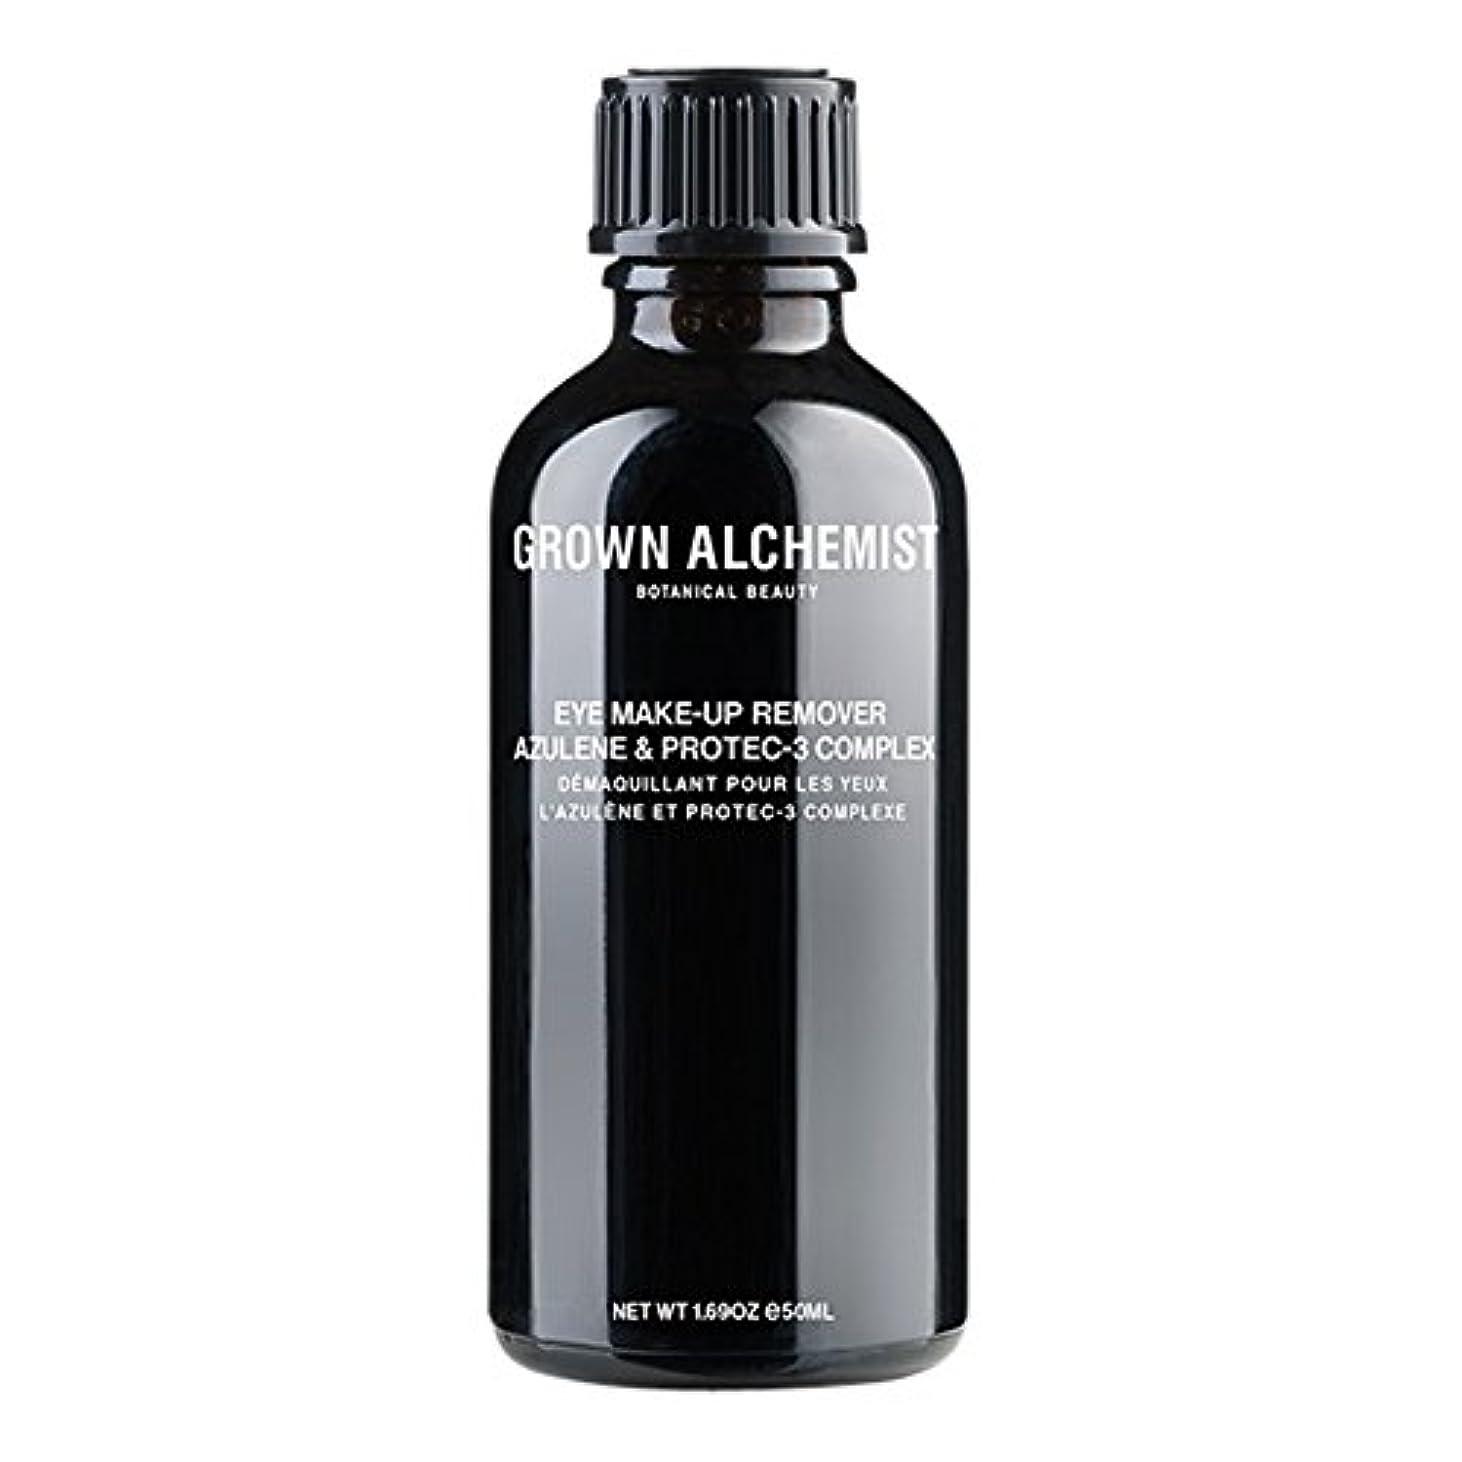 素朴な二熟読成長した錬金術師アズレン&Protec-3アイメイクアップリムーバーの50ミリリットル (Grown Alchemist) - Grown Alchemist Azulene & Protec-3 Eye-Makeup...